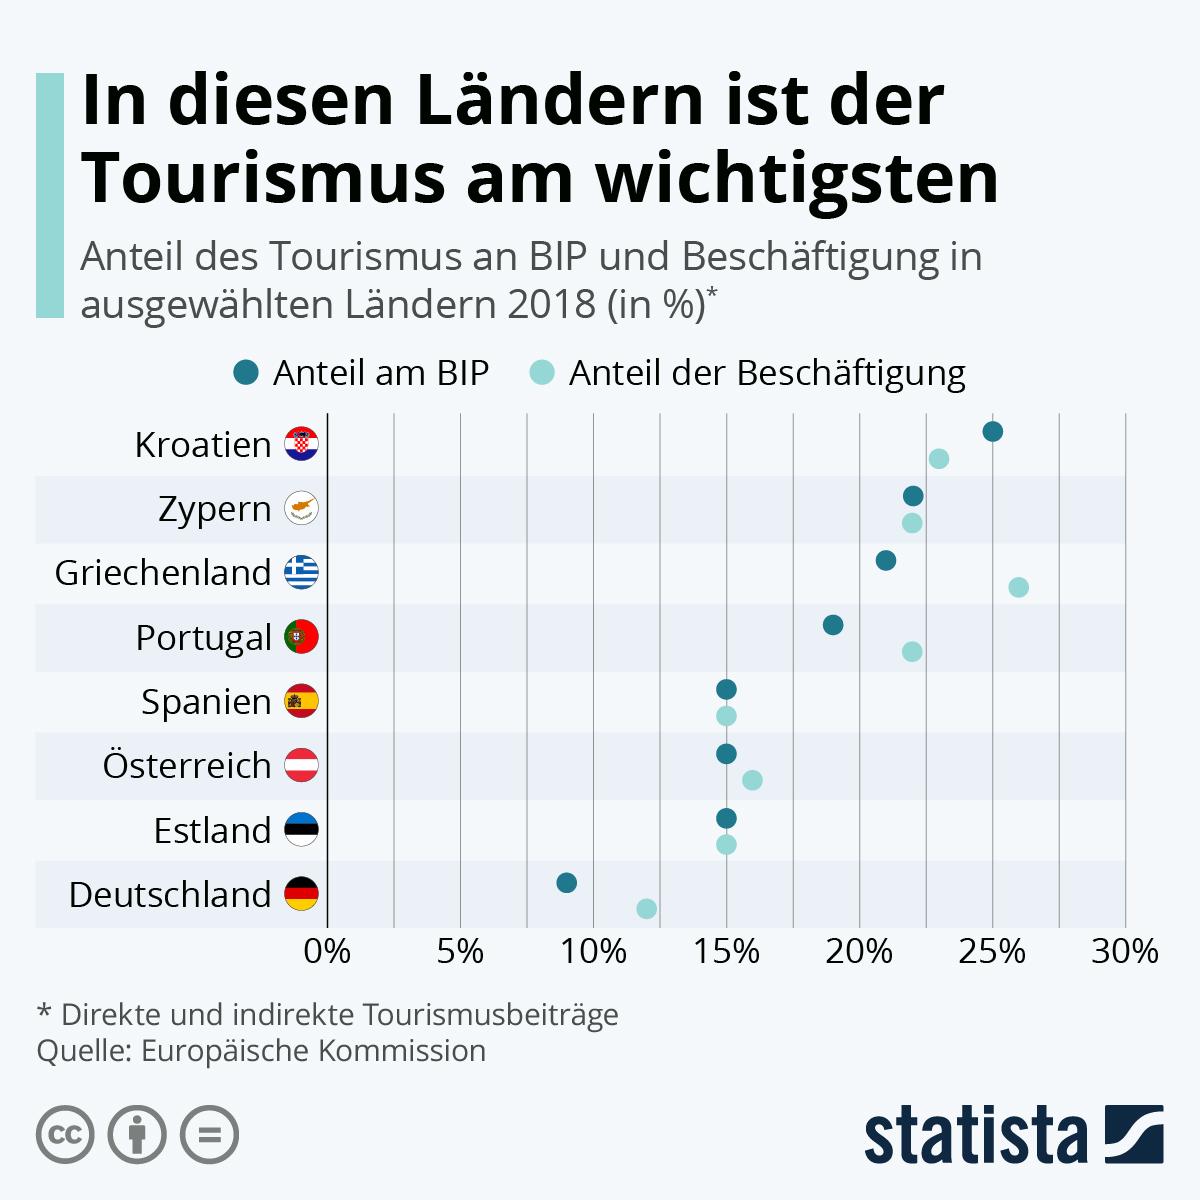 In diesen Ländern ist der Tourismus am wichtigsten | Statista